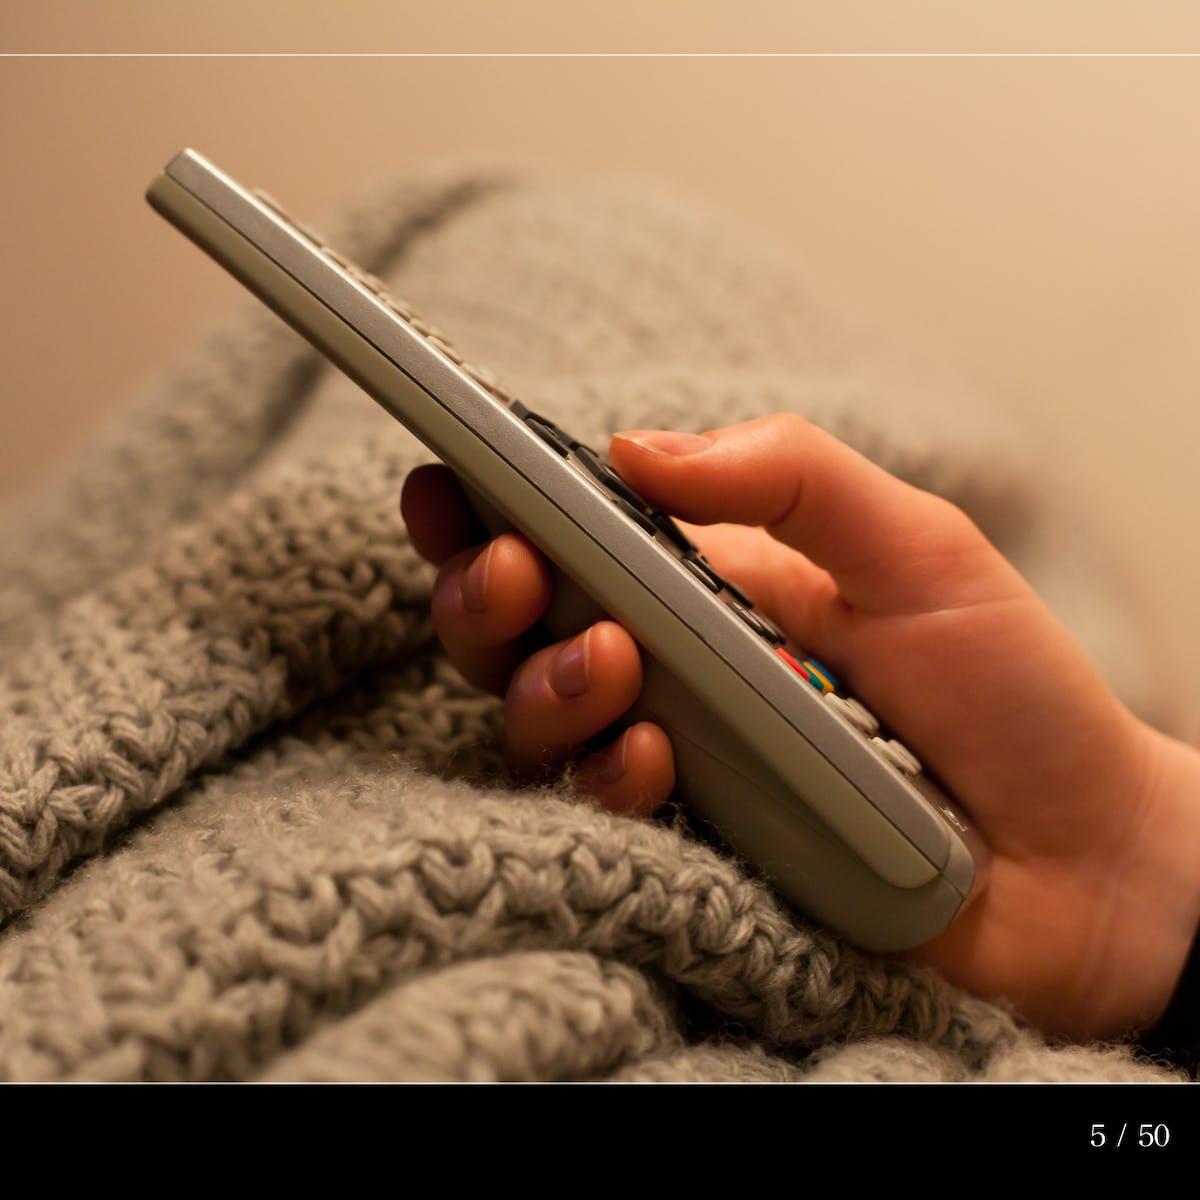 Curious Kids: How do remote controls work?